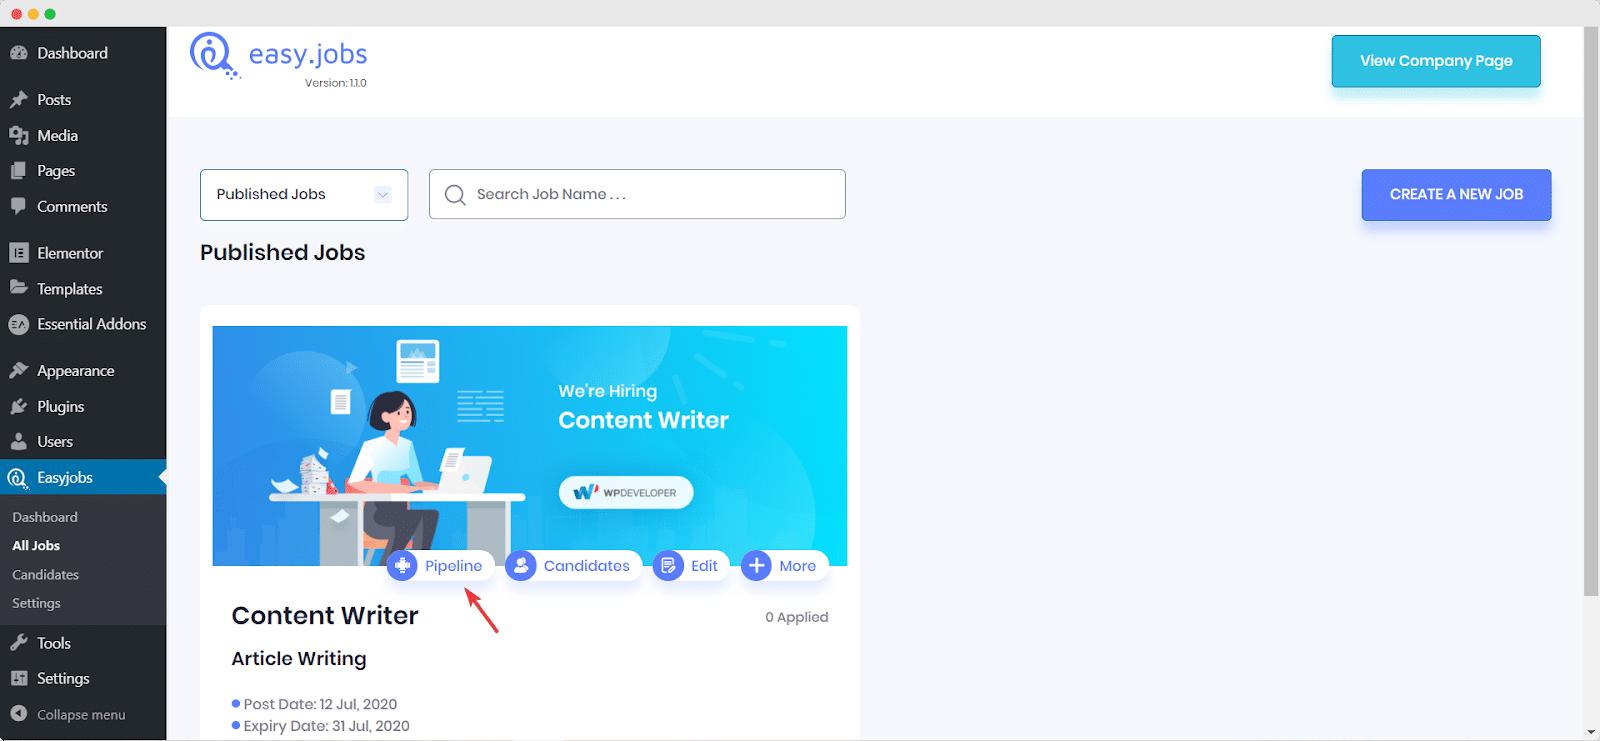 Easy.Jobsを使用して5分で見事なキャリアサイトを作成[無料] 9